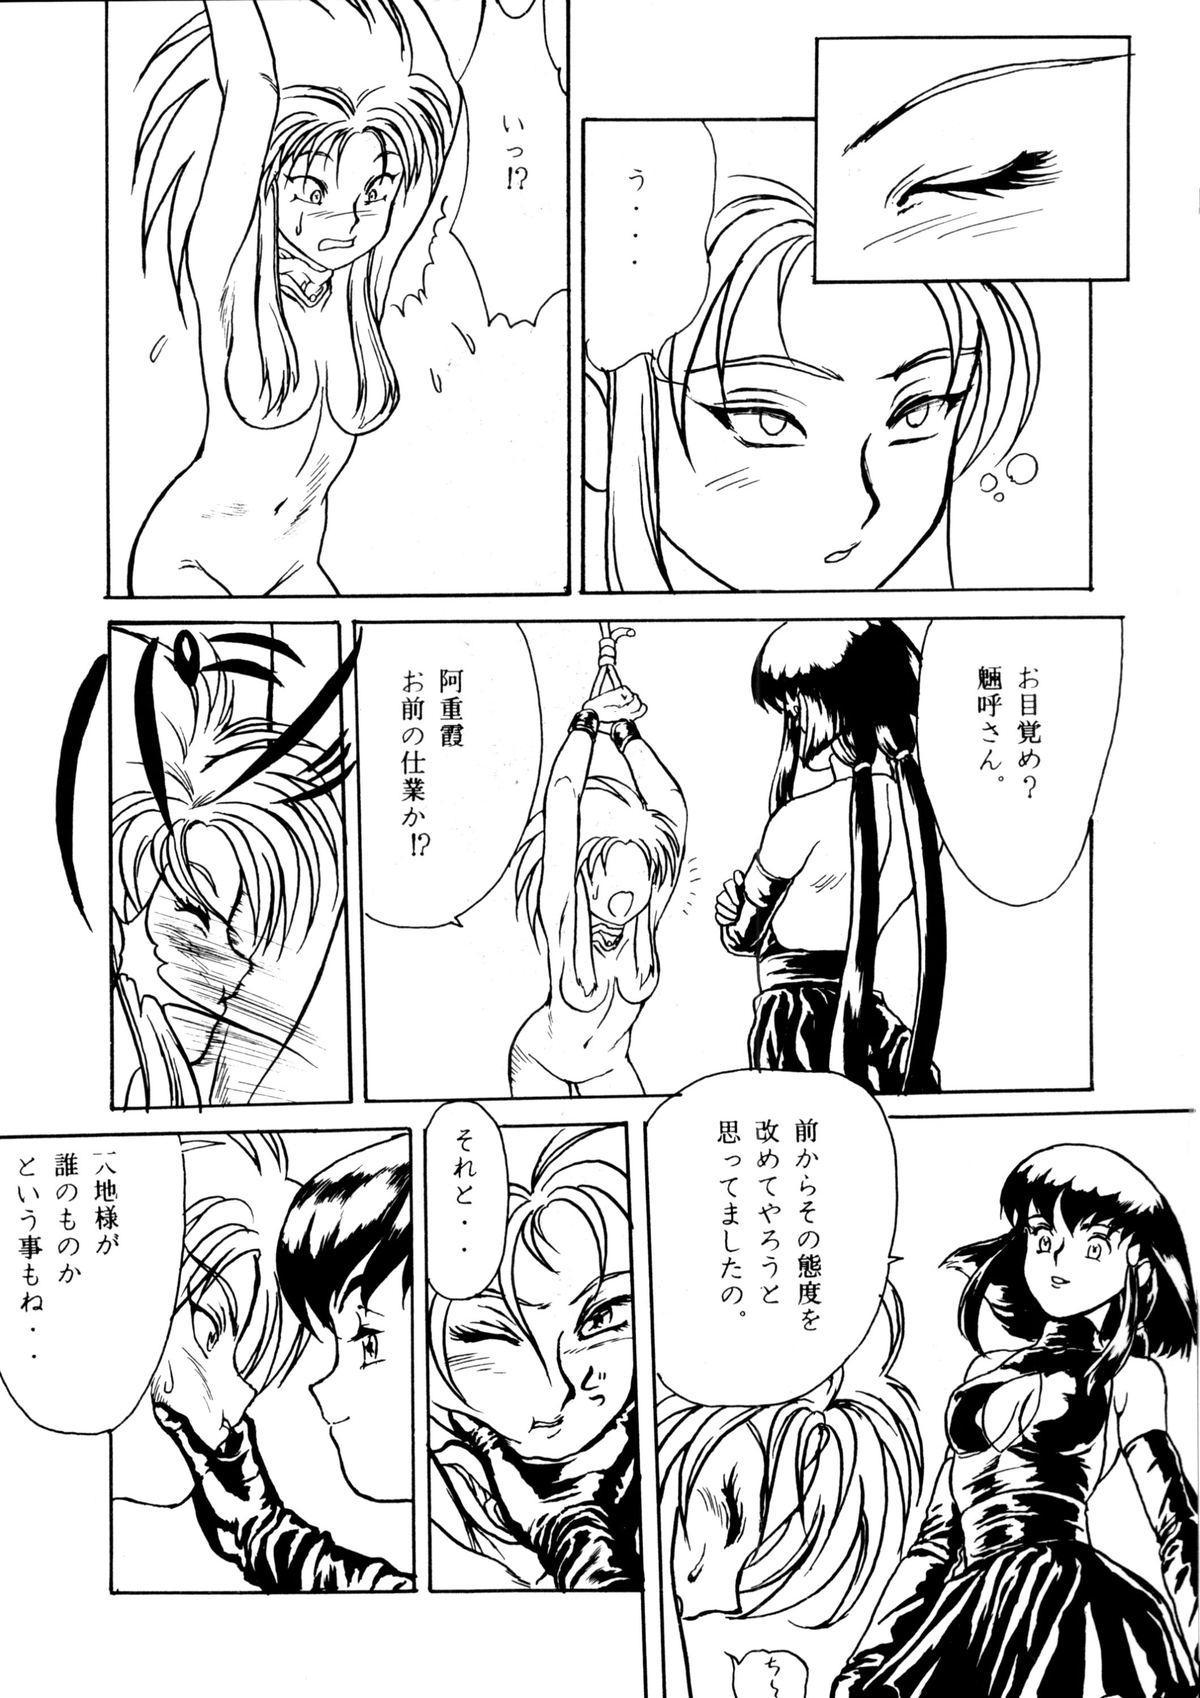 Tabeta Kigasuru 8 4